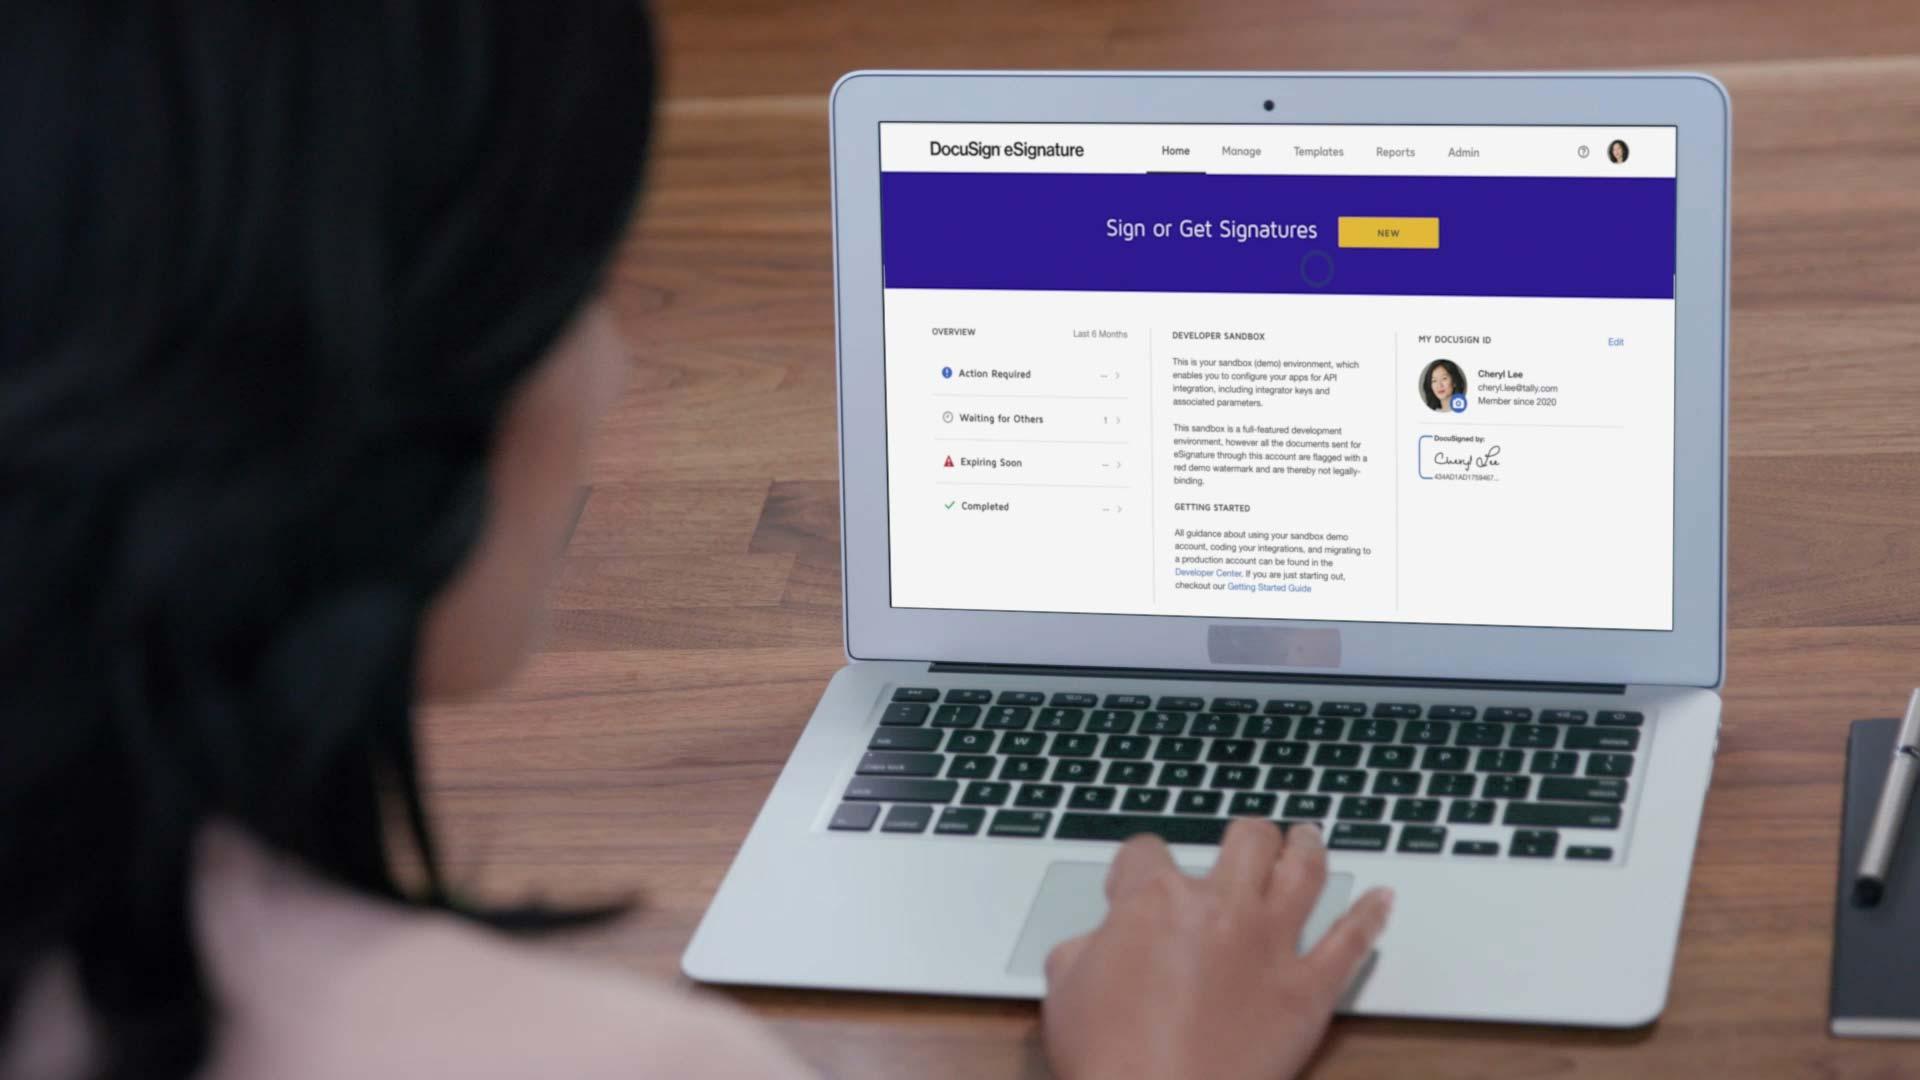 Frau arbeitet mit einem Macbook Air und benutzt DocuSign eSignature